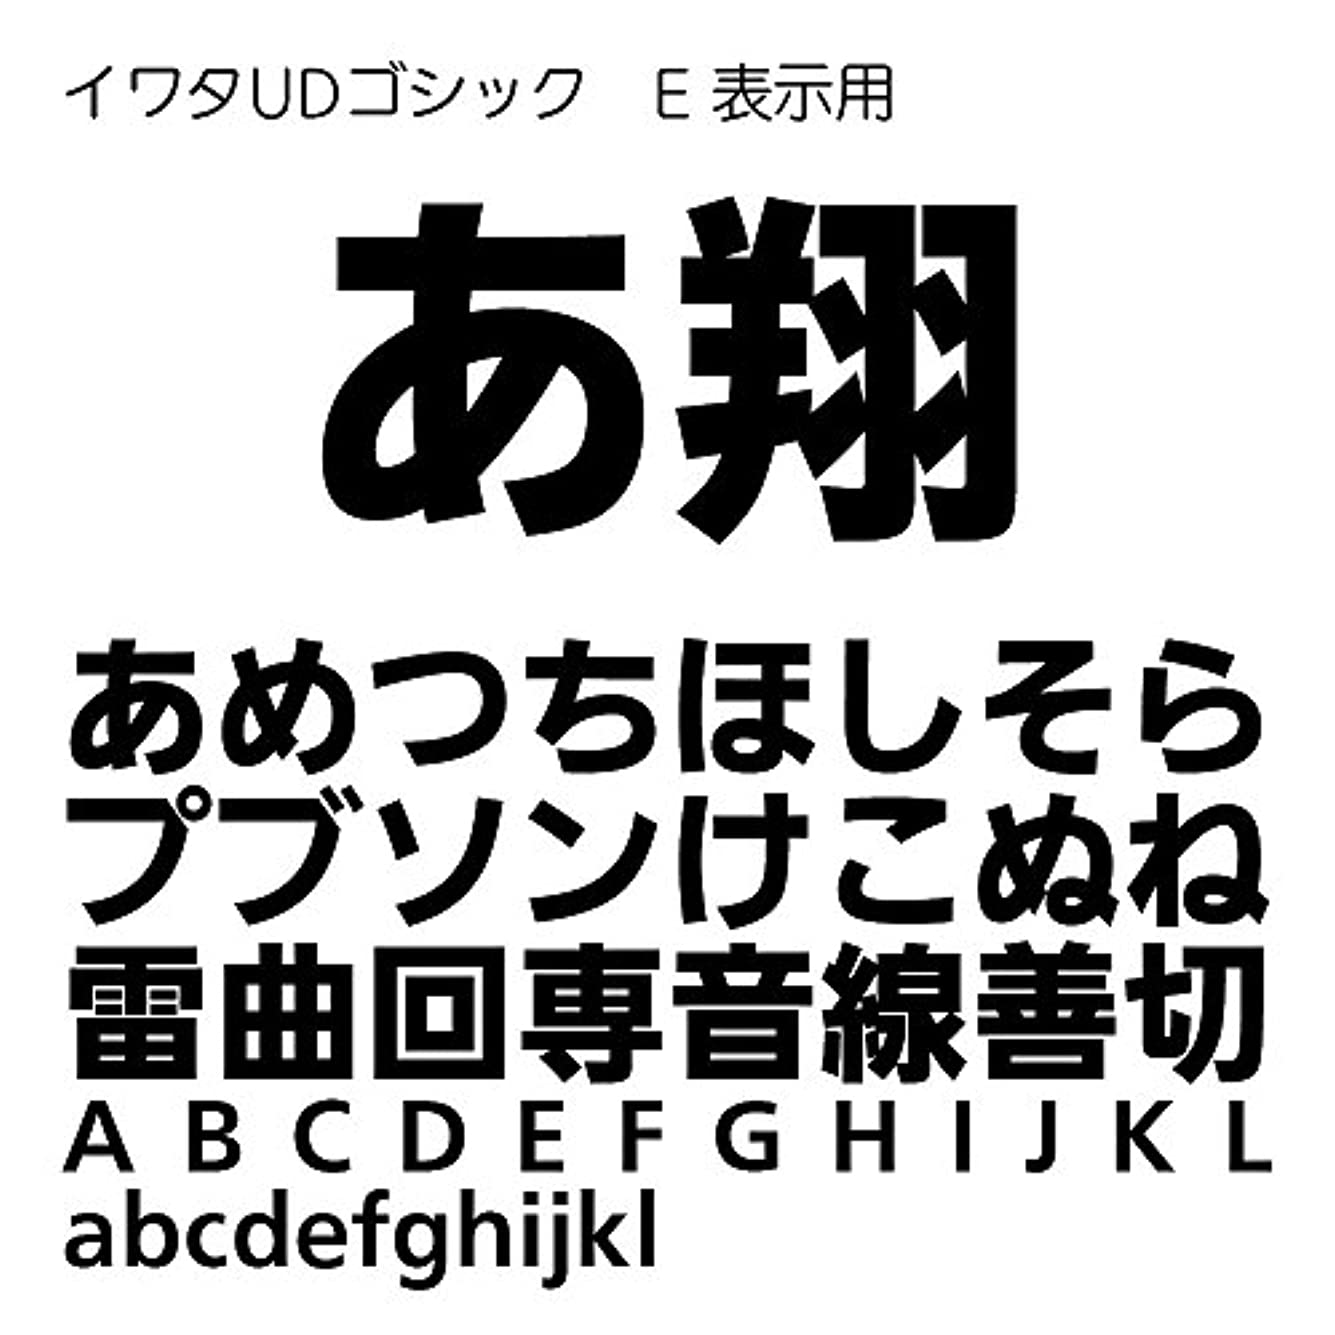 ホップ乳白鉱夫イワタUDゴシックE 表示用 TrueType Font for Windows [ダウンロード]